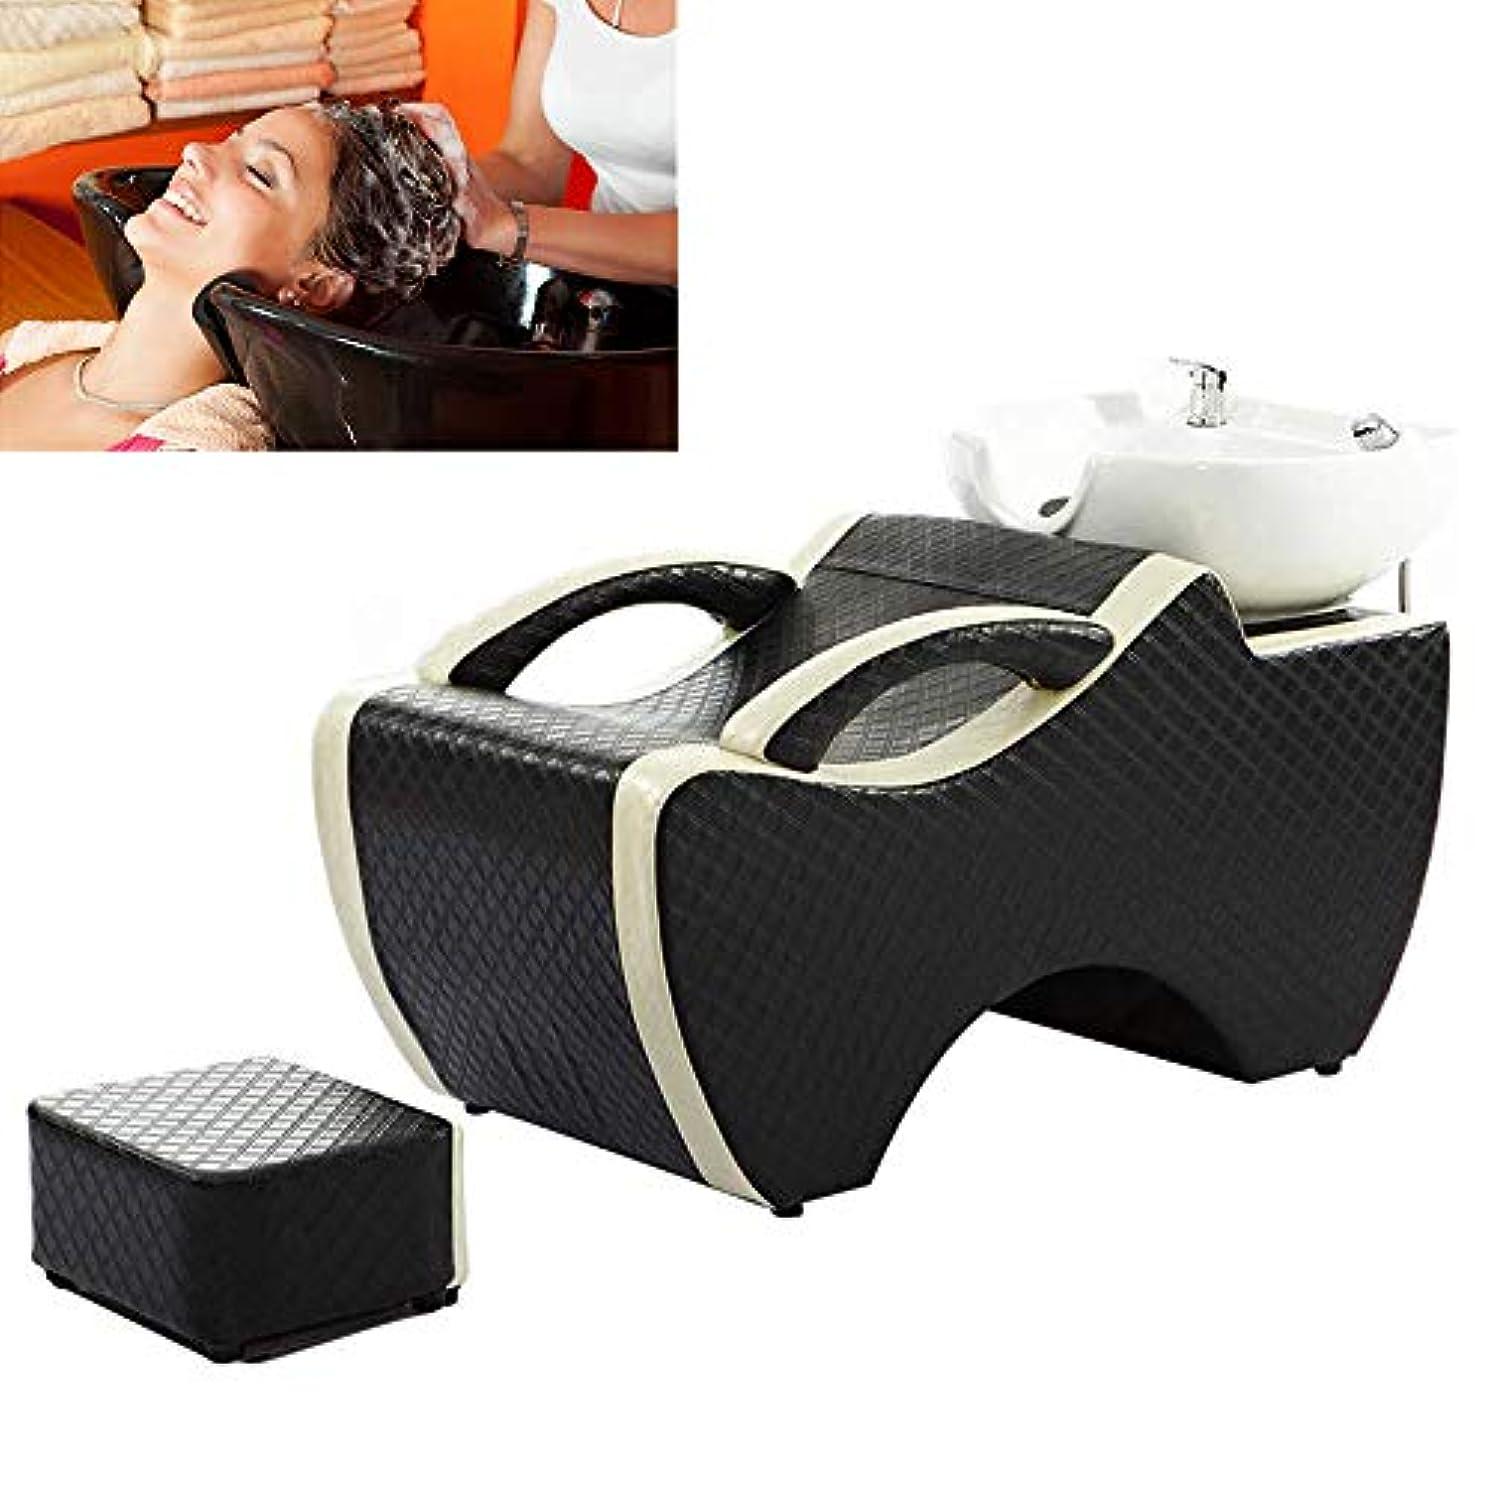 突破口ボーナス因子サロン用シャンプー椅子とボウル、スパ美容院のベッドの陶磁器の洗面器のための逆洗の単位のシャンプーボールの理髪の流しの椅子